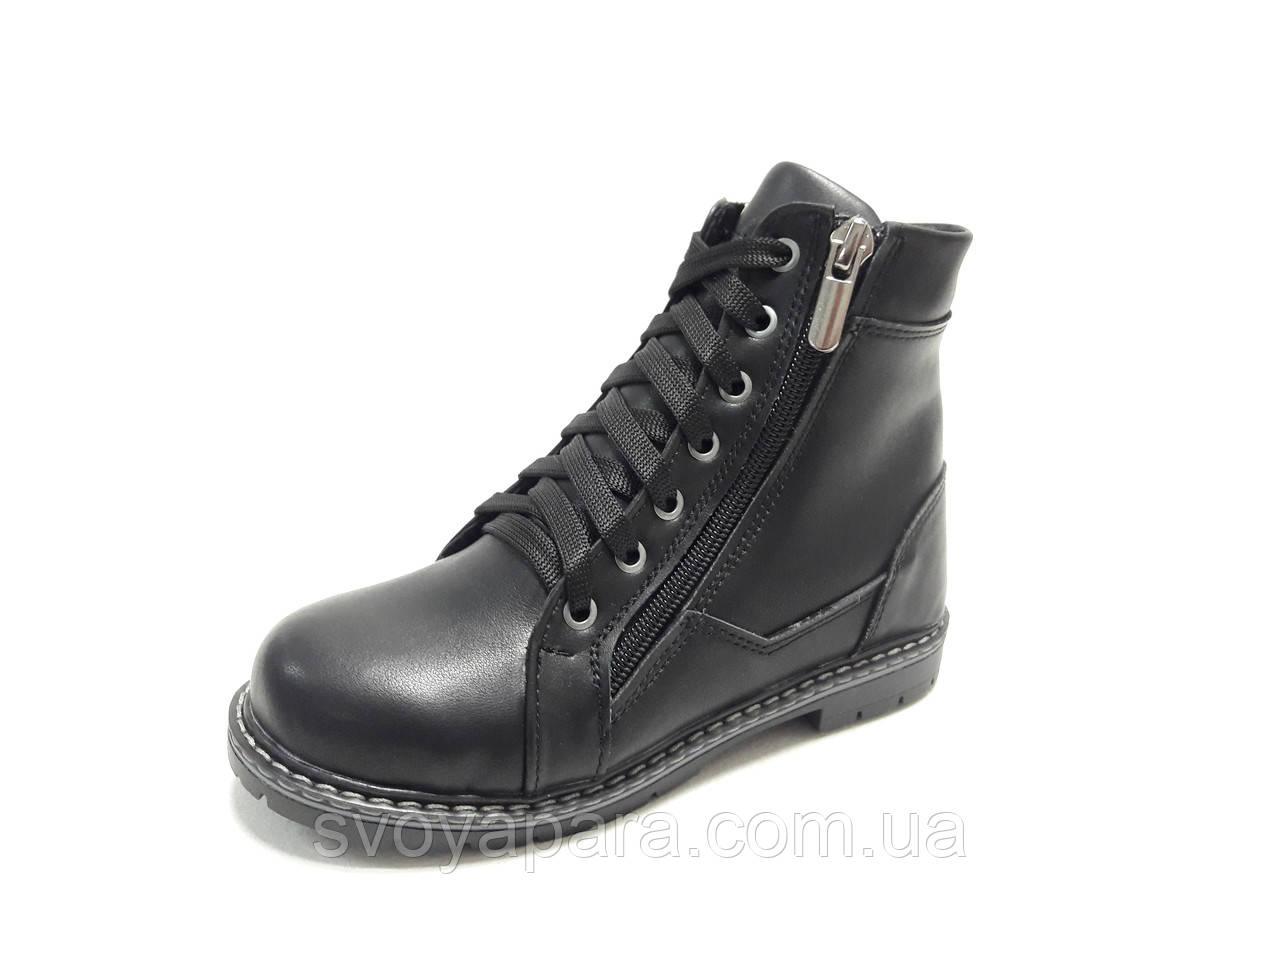 Ботинки весенне-осенние для девочки черные кожаные (0407)